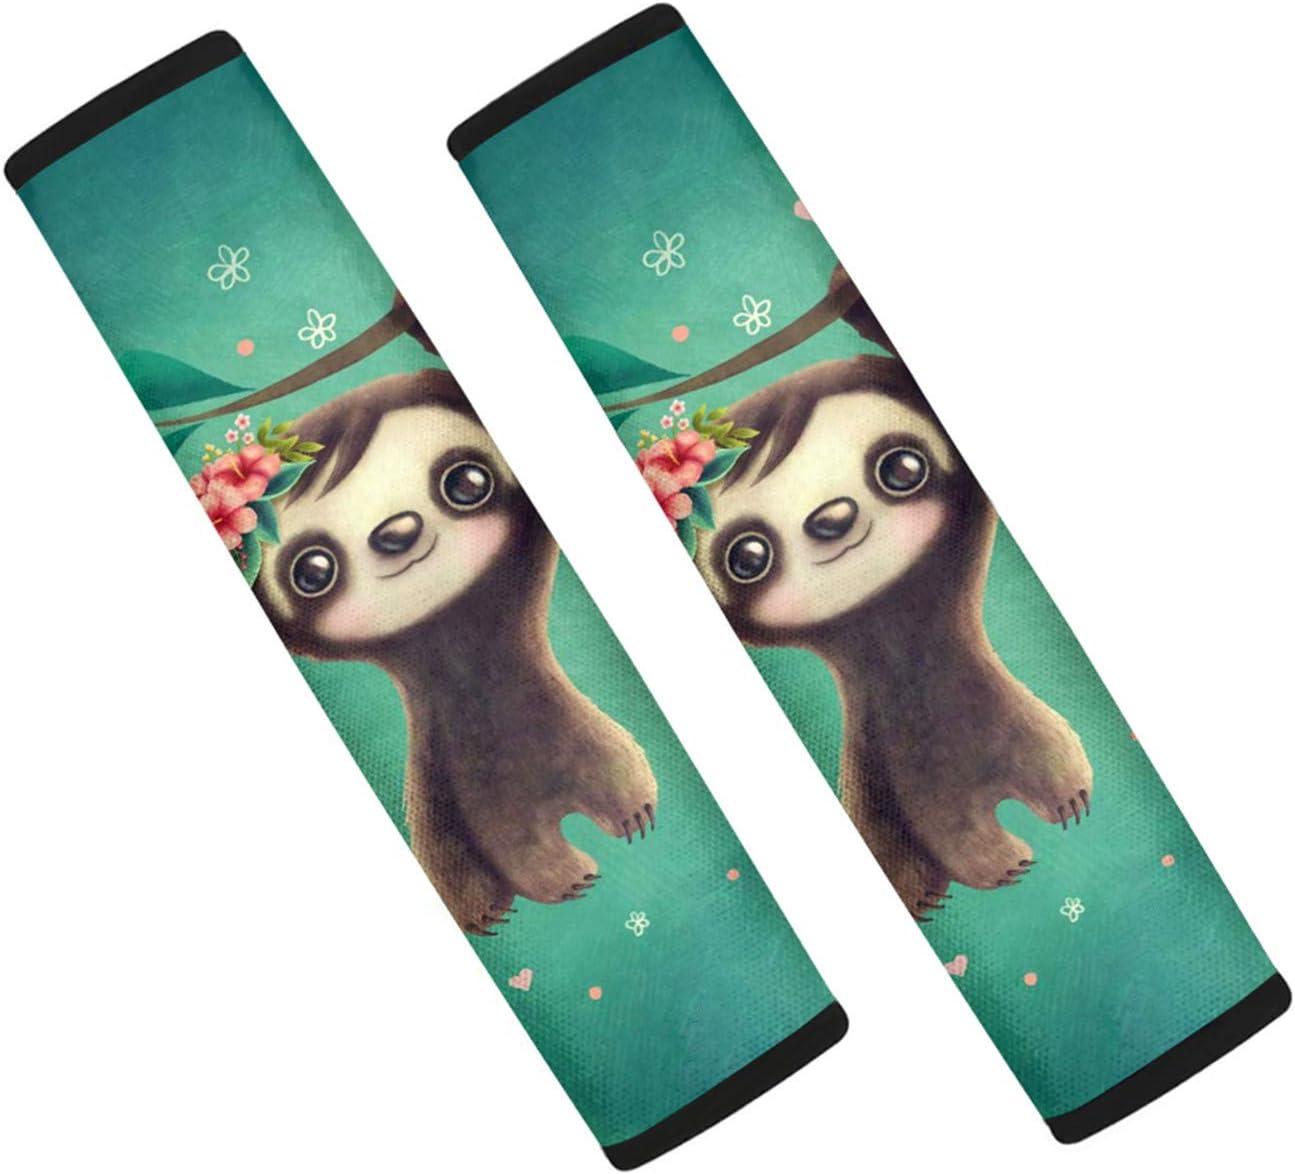 HUGS IDEA Car Seat Belt Cover Pads Kawaii Baby Sloth Flower Shoulder Seatbelt Pads Protectors Safety Belt Straps Shoulder for Women Men Children Gifts